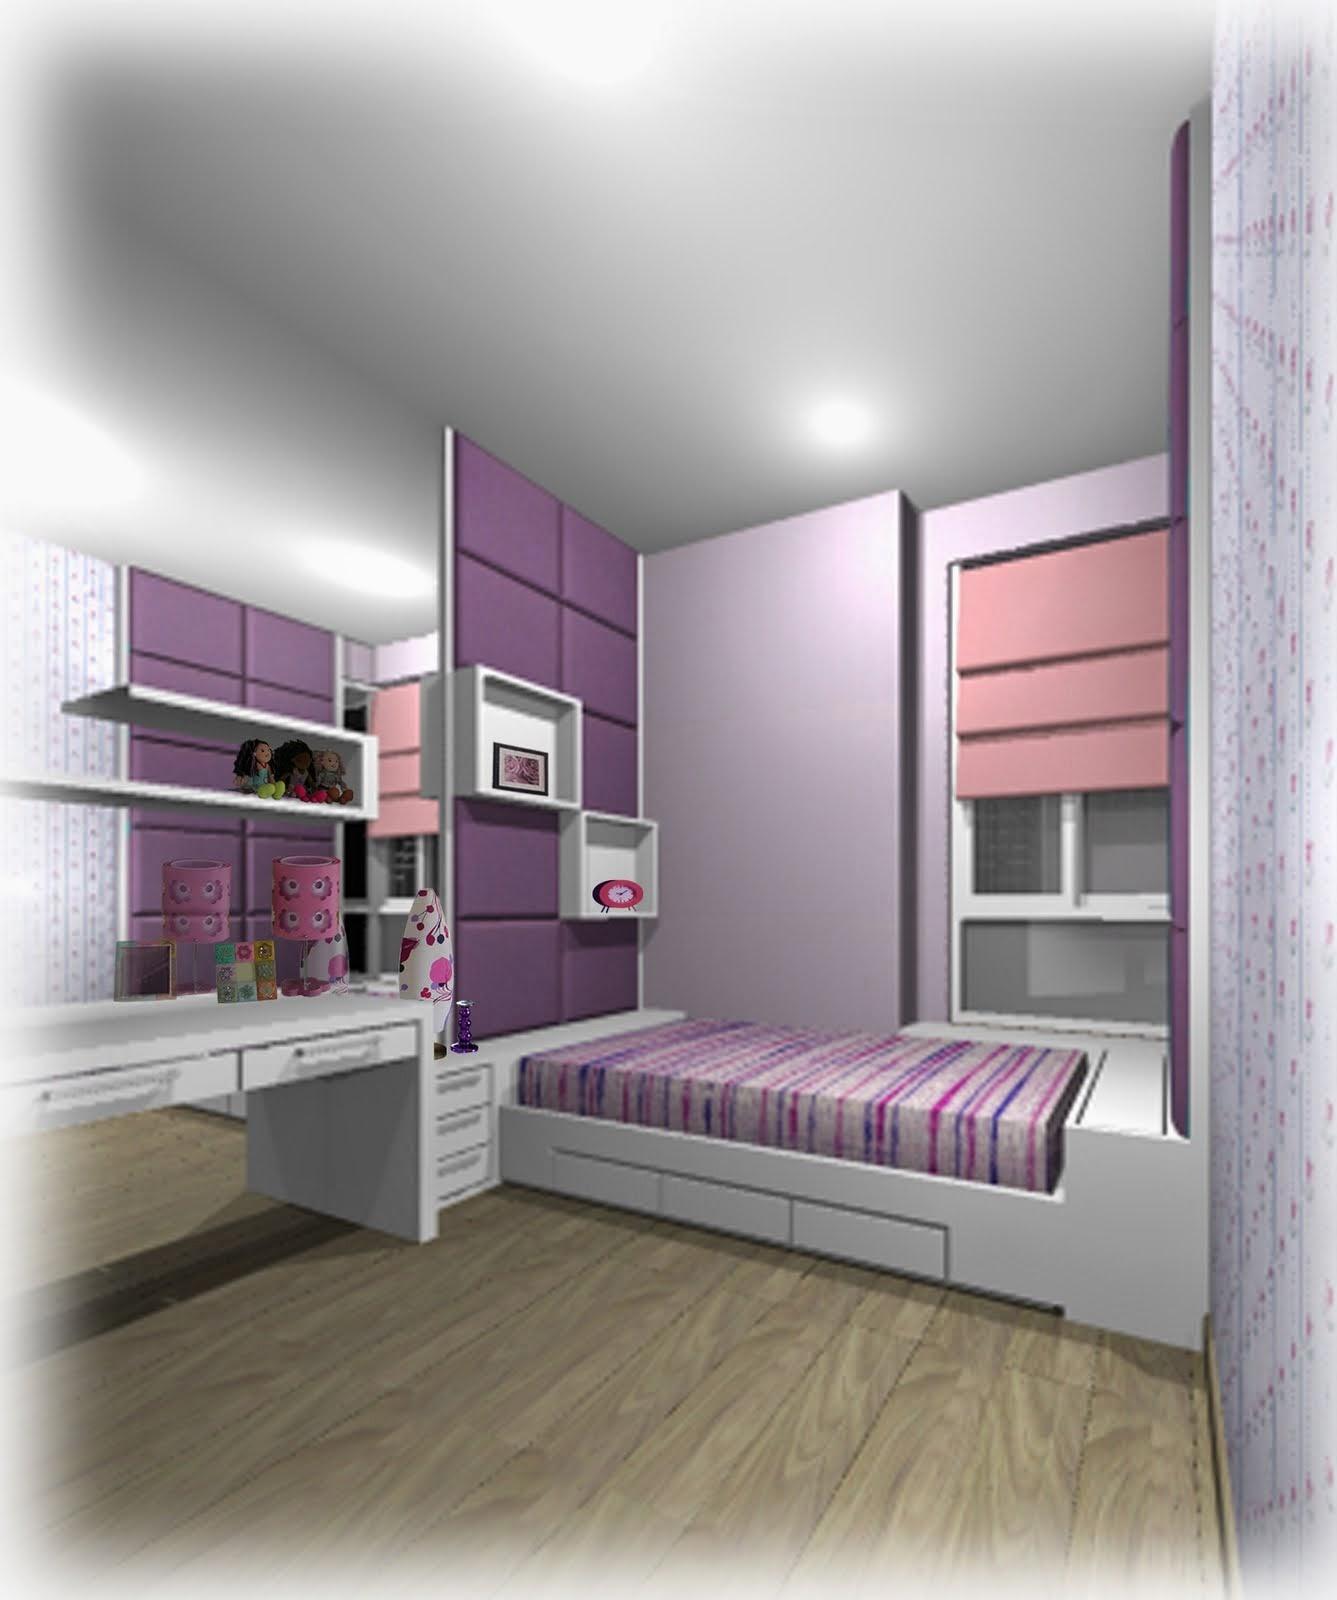 tips desain interior kamar minimalis rumah minimalis